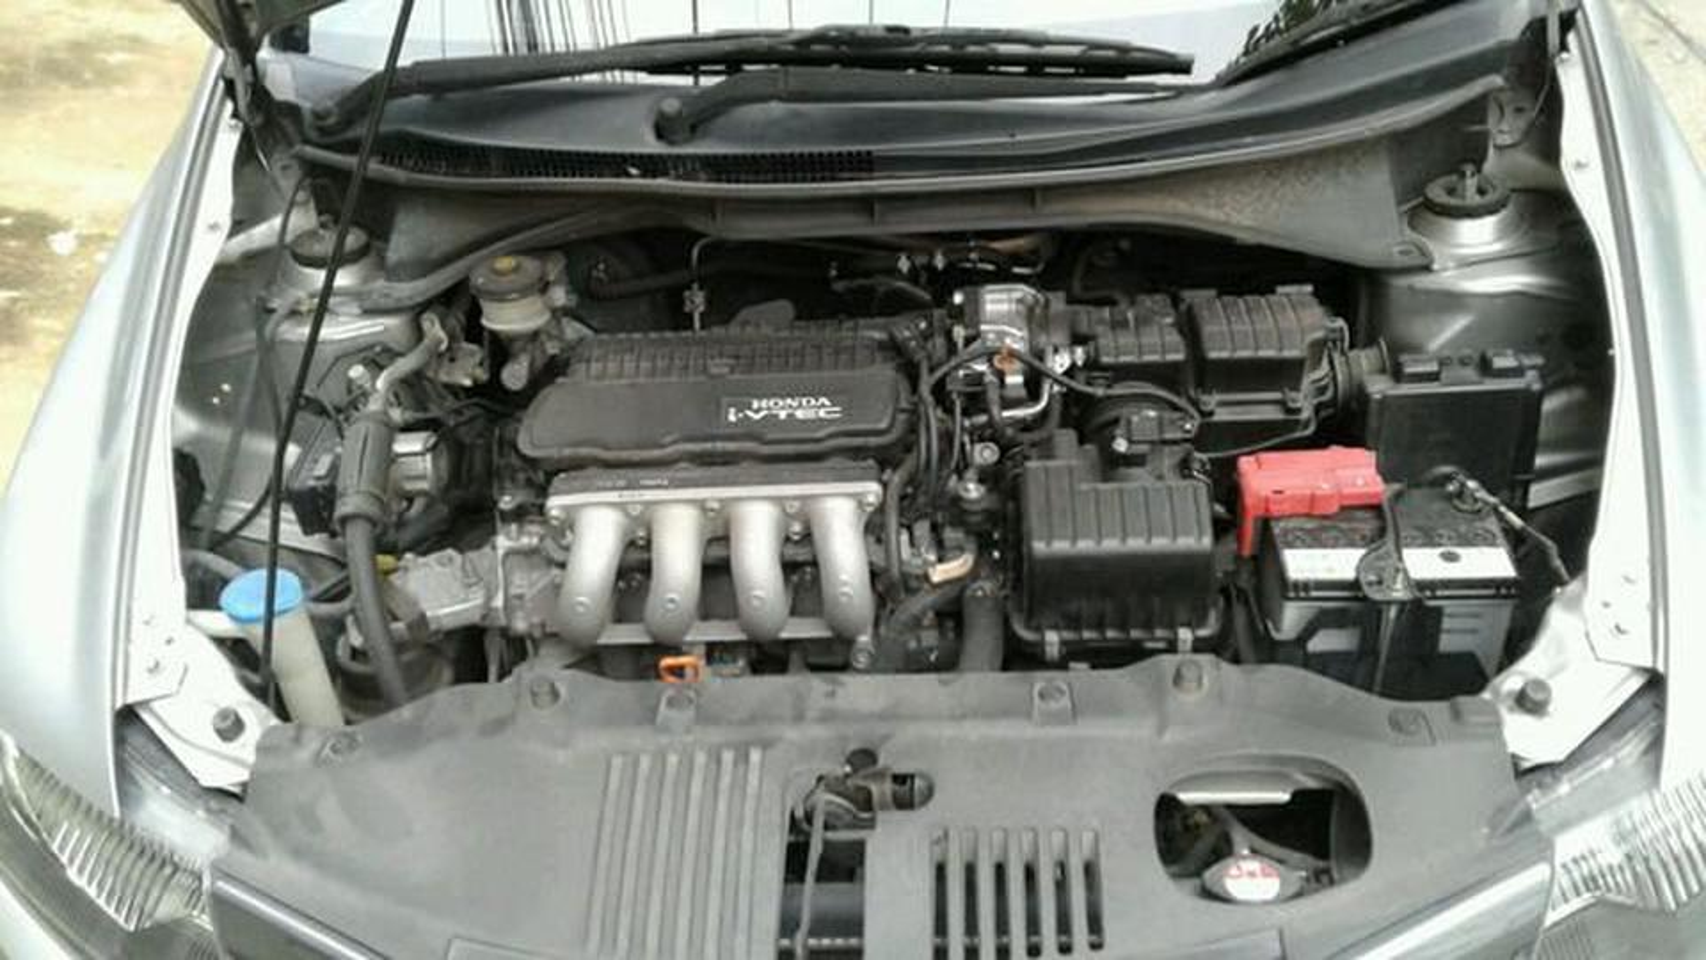 ขายรถเก๋ง Honda  City ivtec อ.เมือง จ.สุพรรณบุรี รูปที่ 5